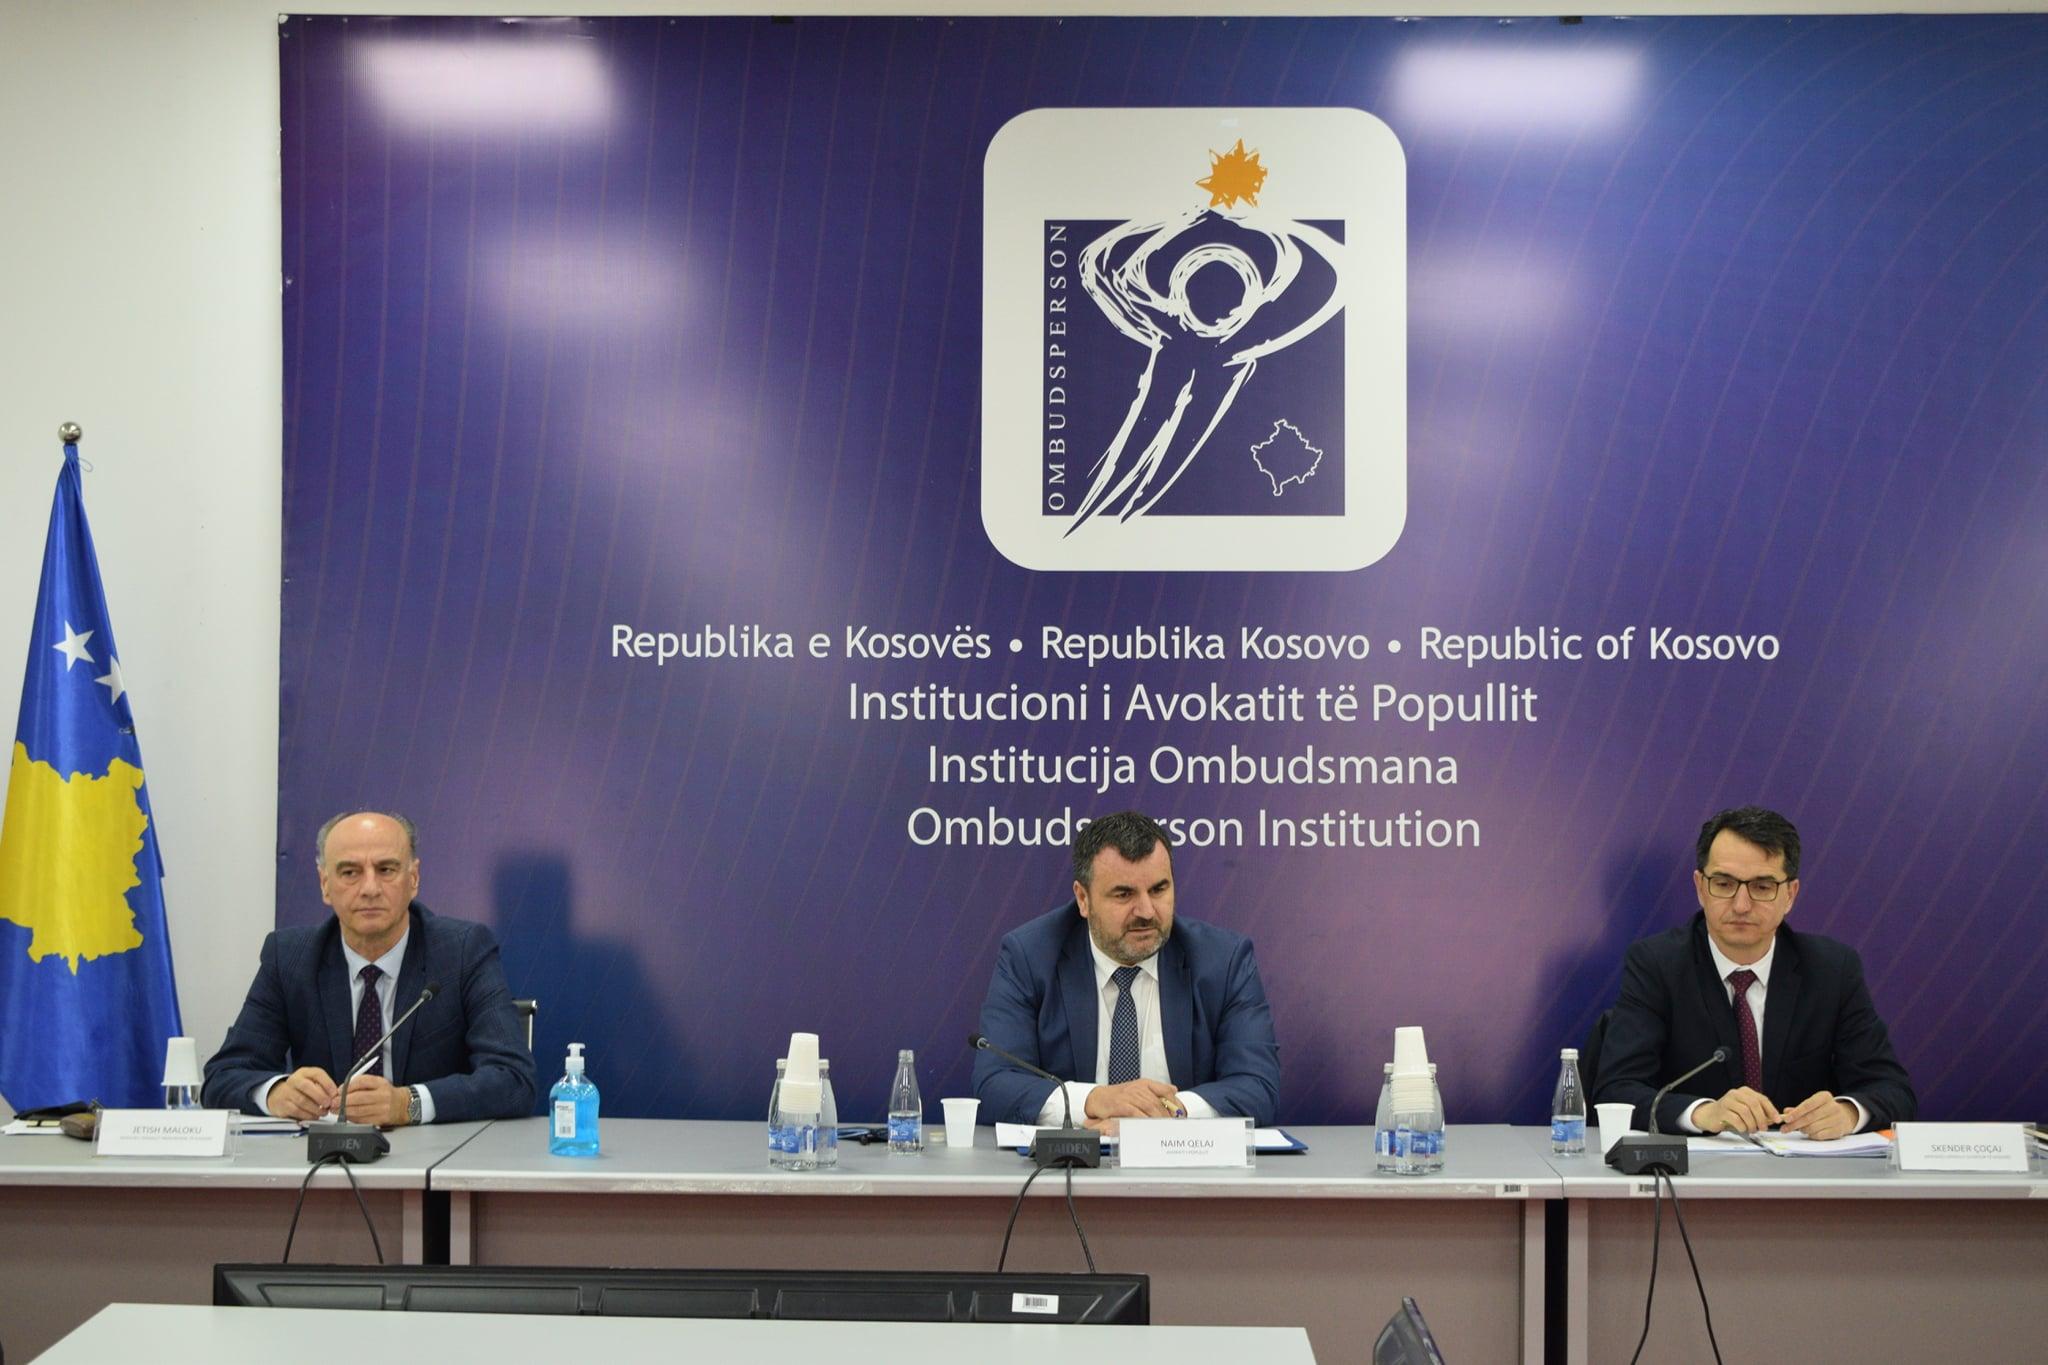 Çoçaj pjesë e takimit të përbashkët në mes të KGjK, KPK dhe Institucionit të Avokatit të Popullit